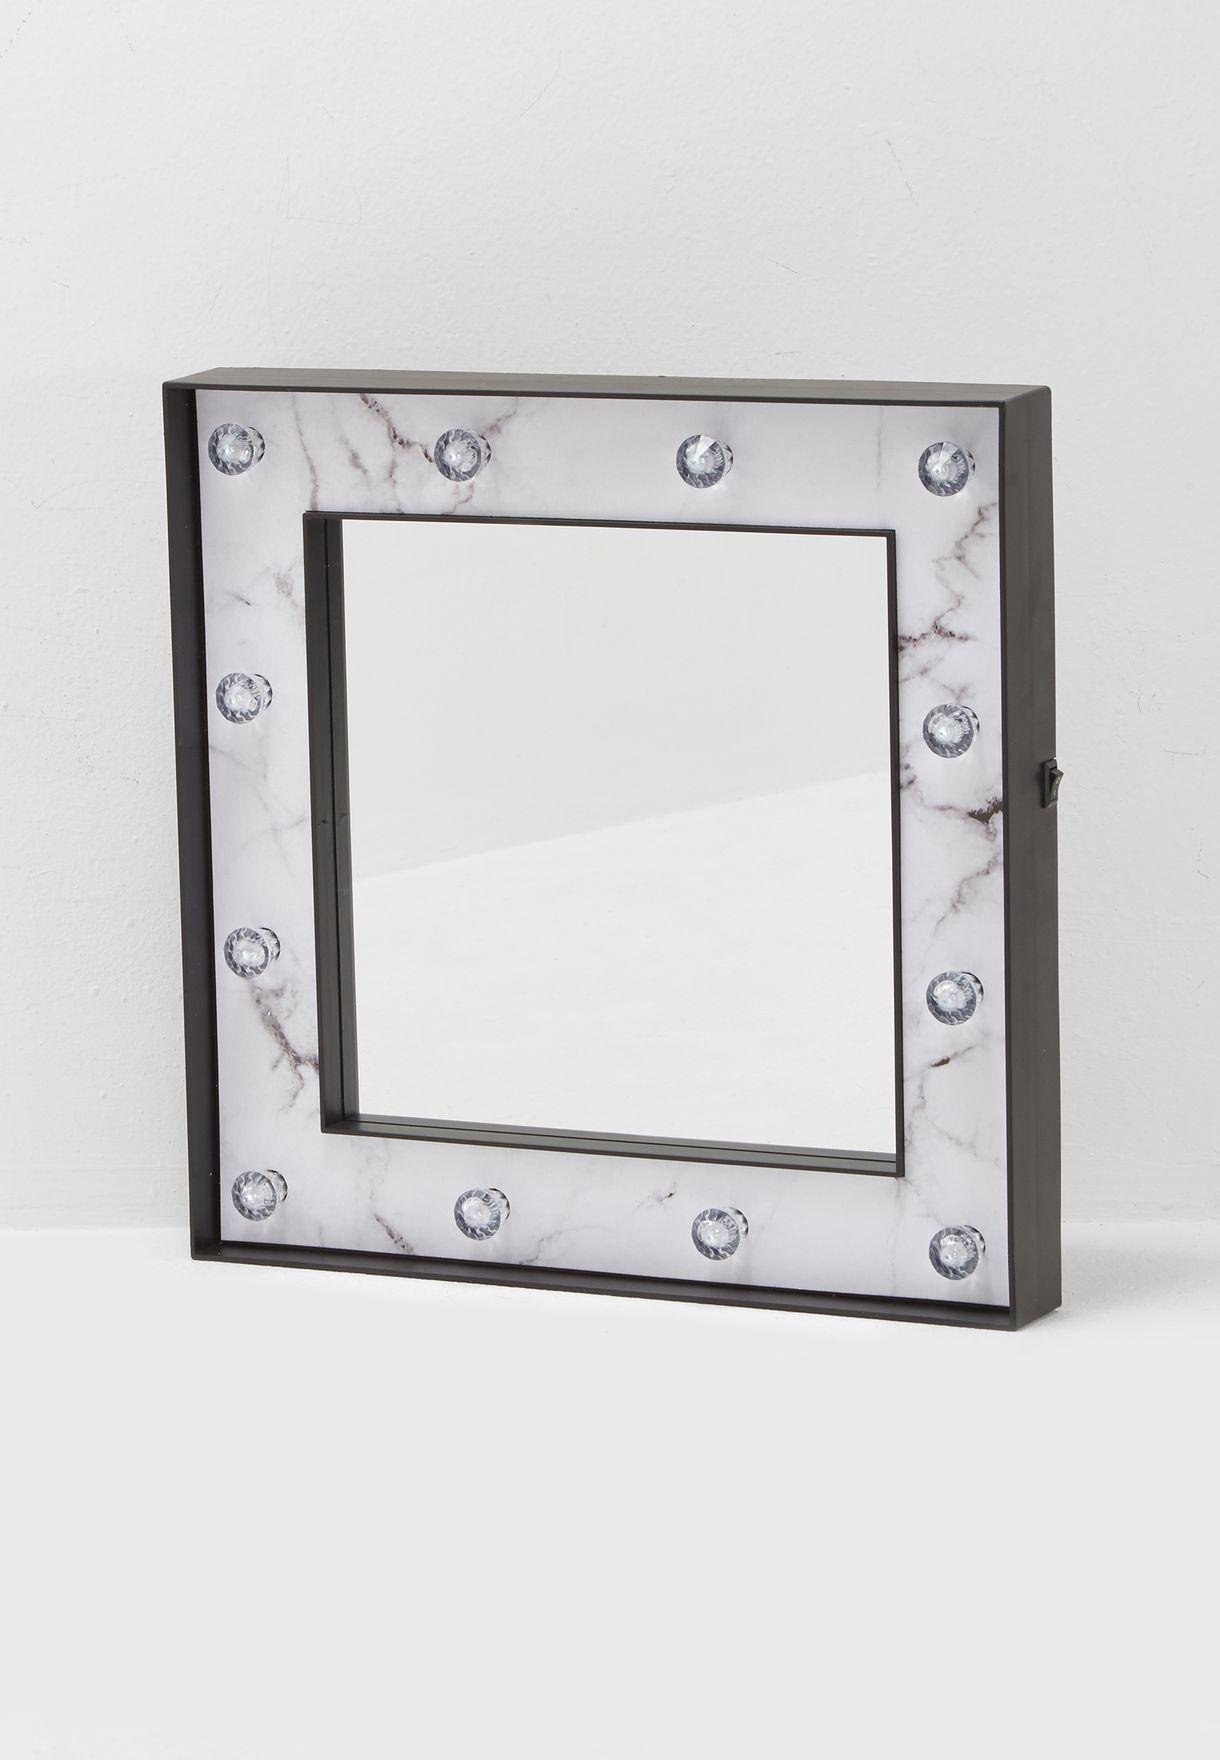 مرآة انيقة